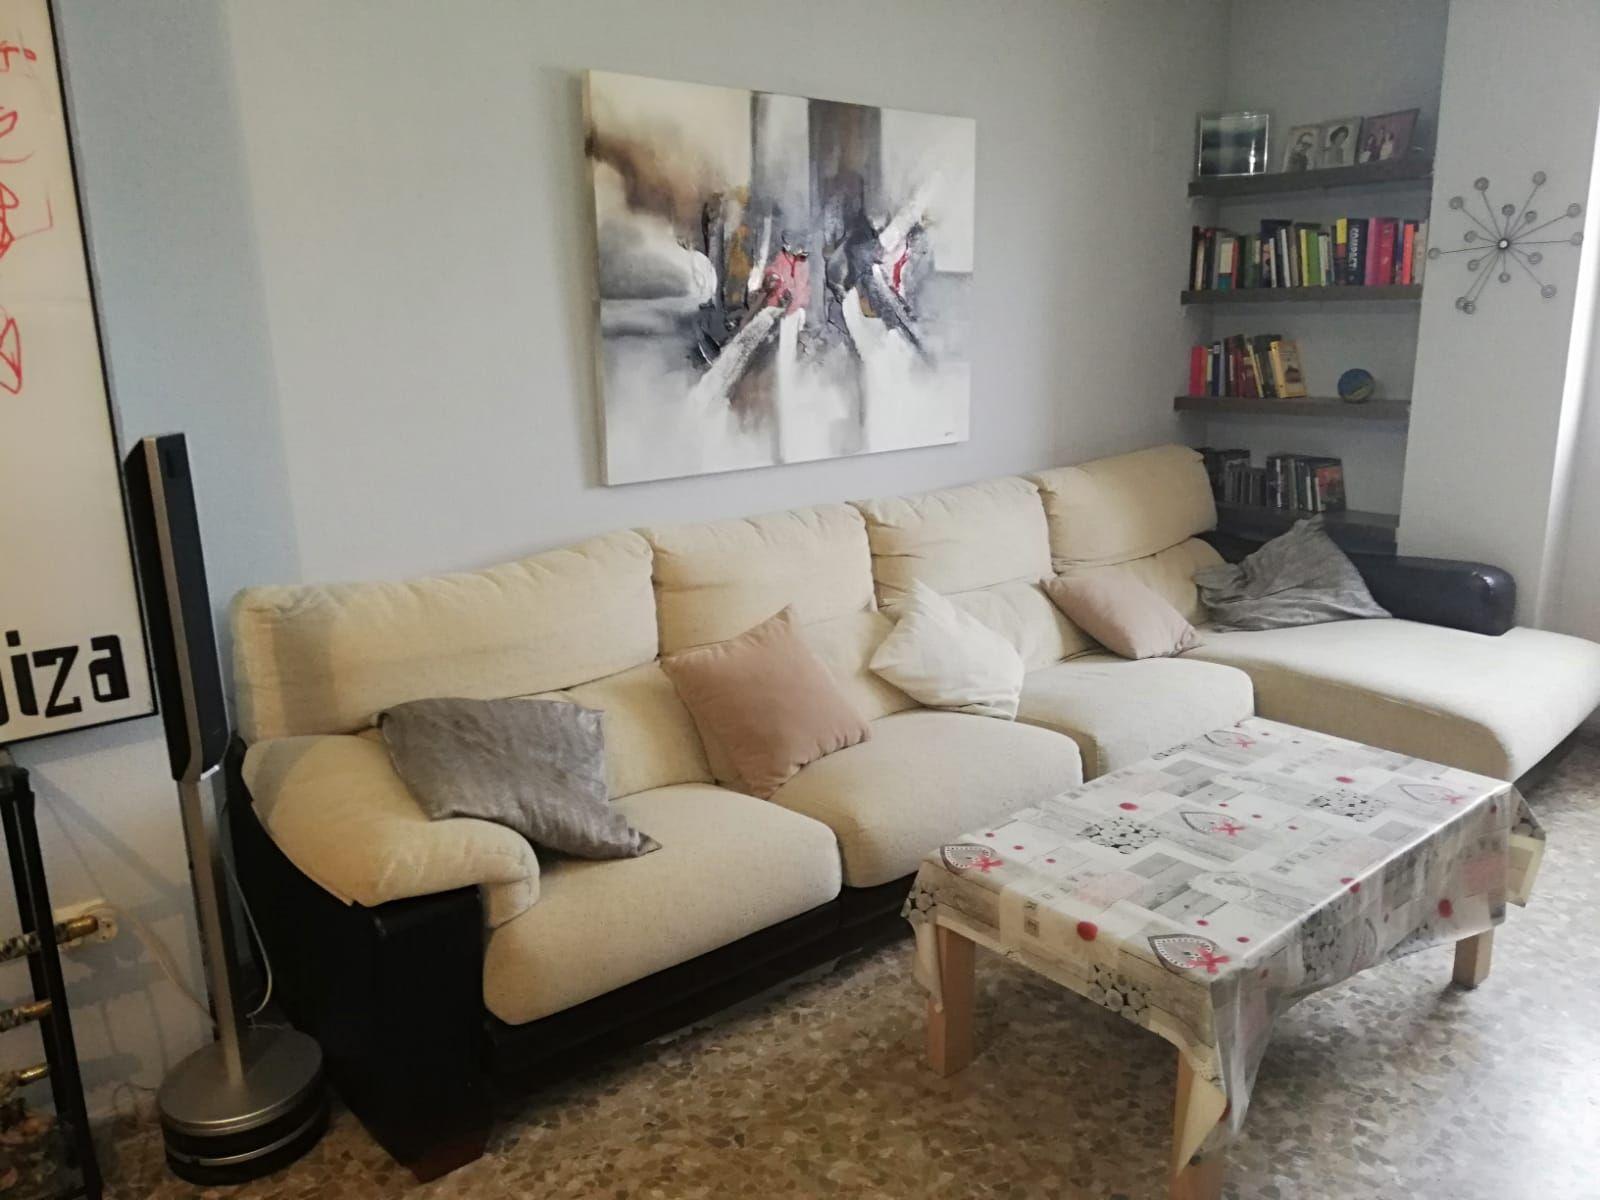 Wohnung in Alicante, gran via-Garbinet, verkauf